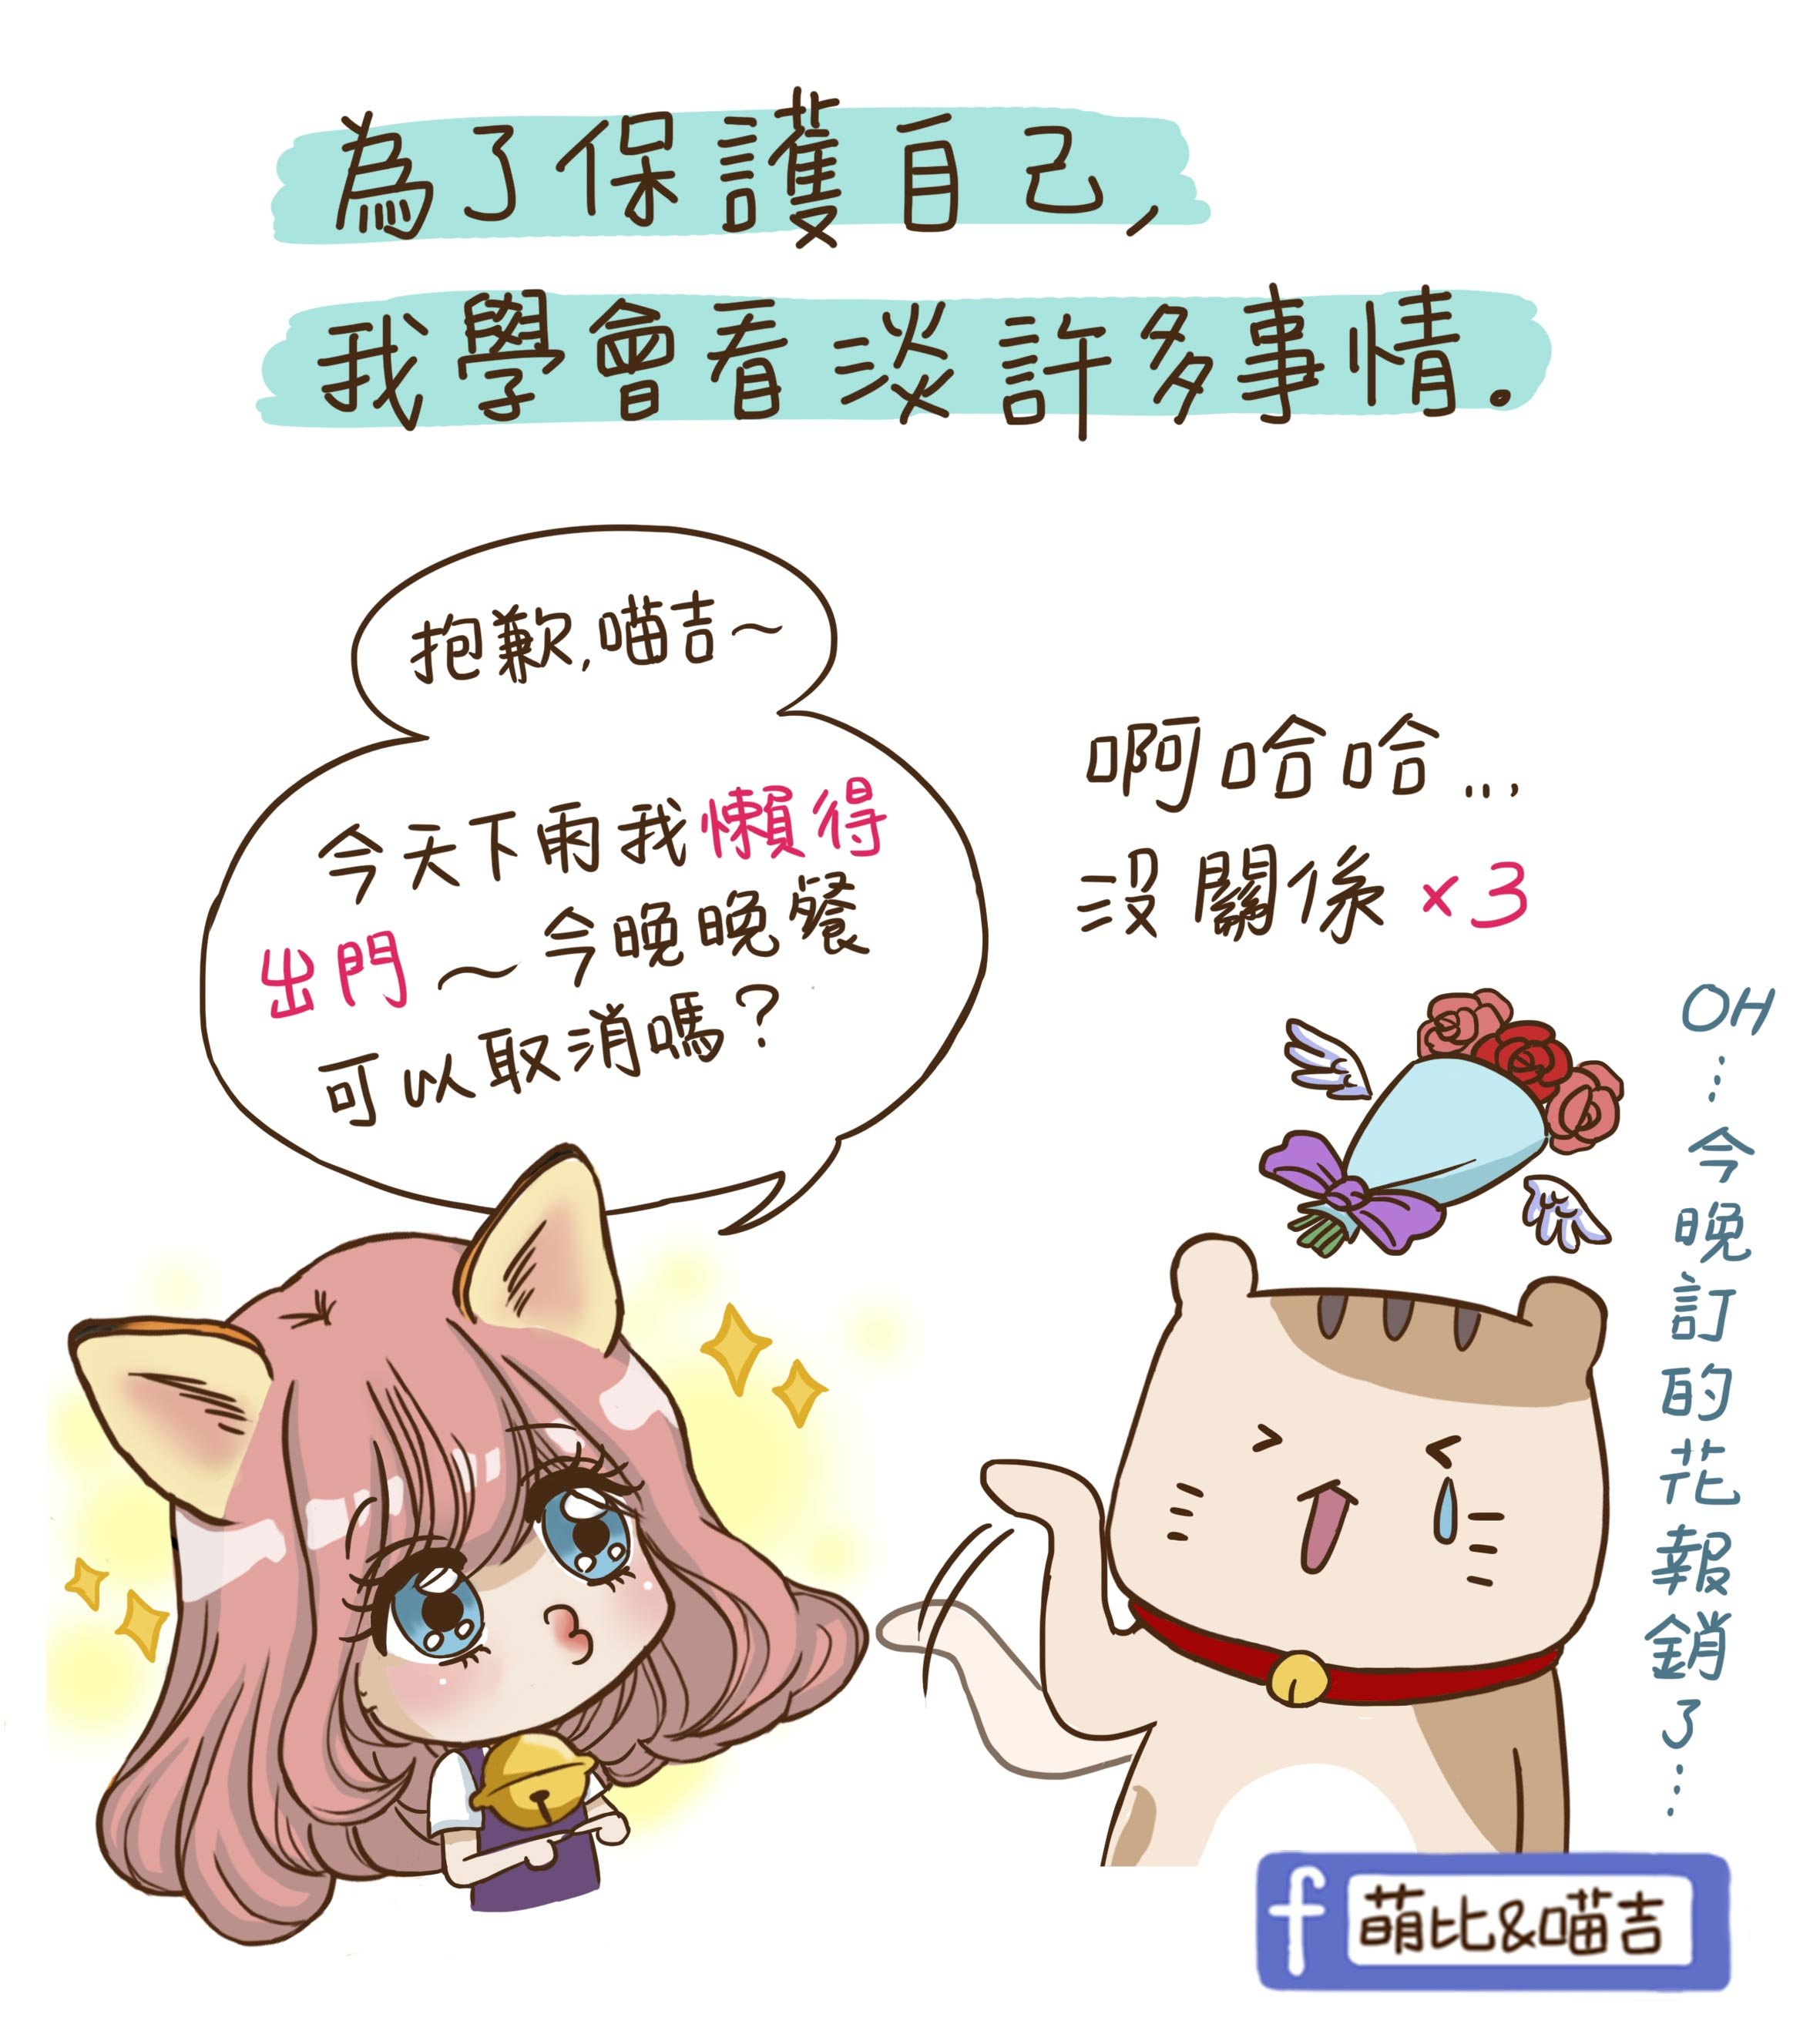 內頁圖檔3pyzhig1